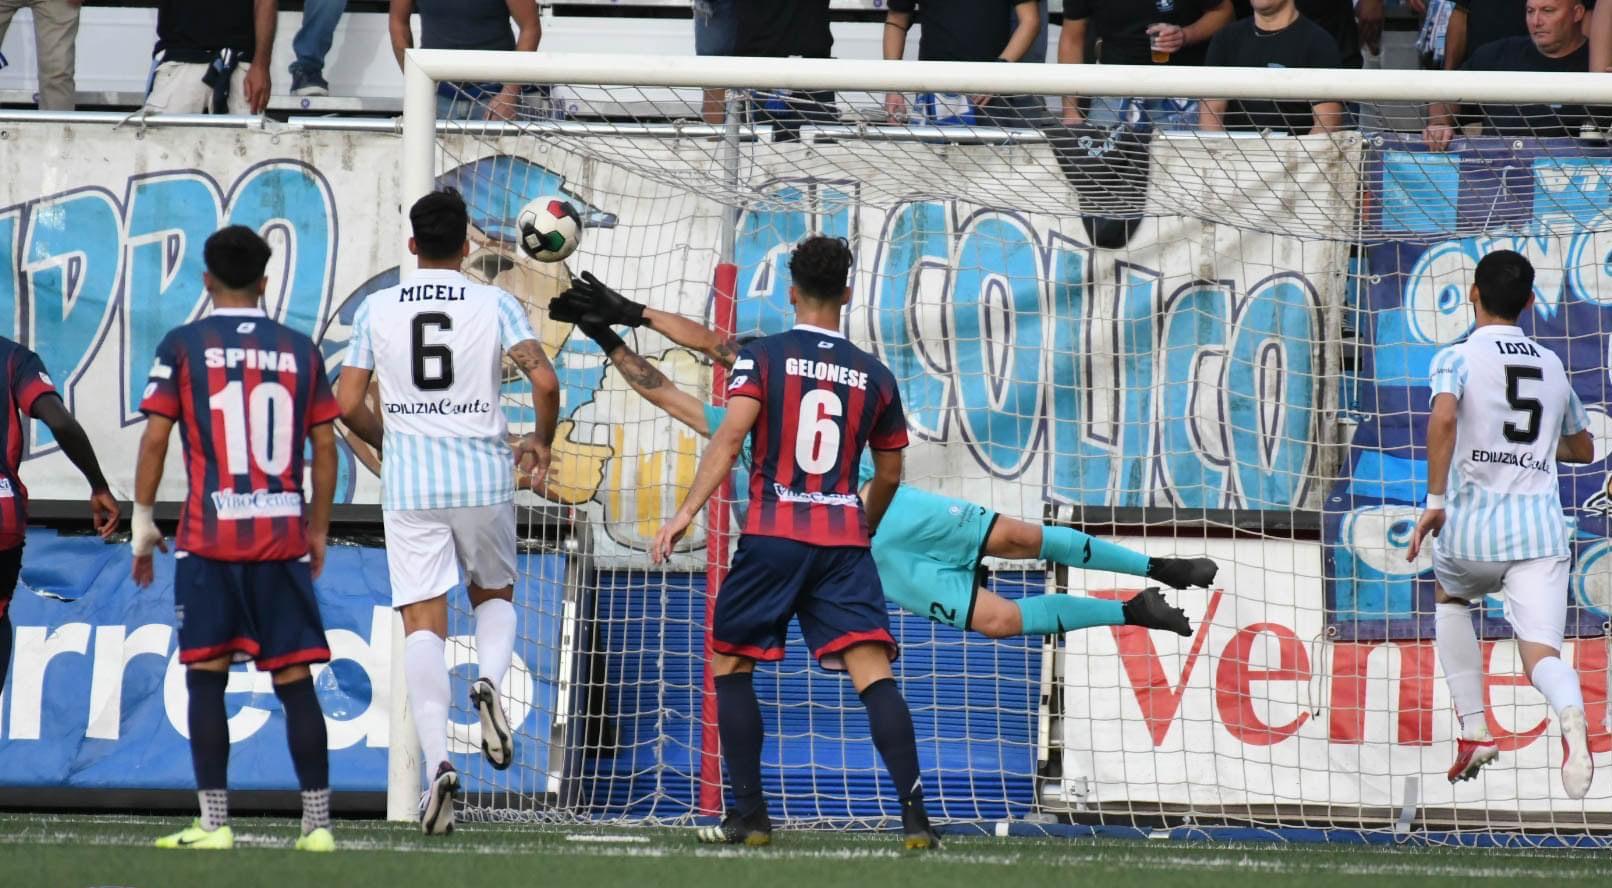 V.FRANCAVILLA - VIBONESE 1-0   Il tabellino del match immagine 17992 US Vibonese Calcio